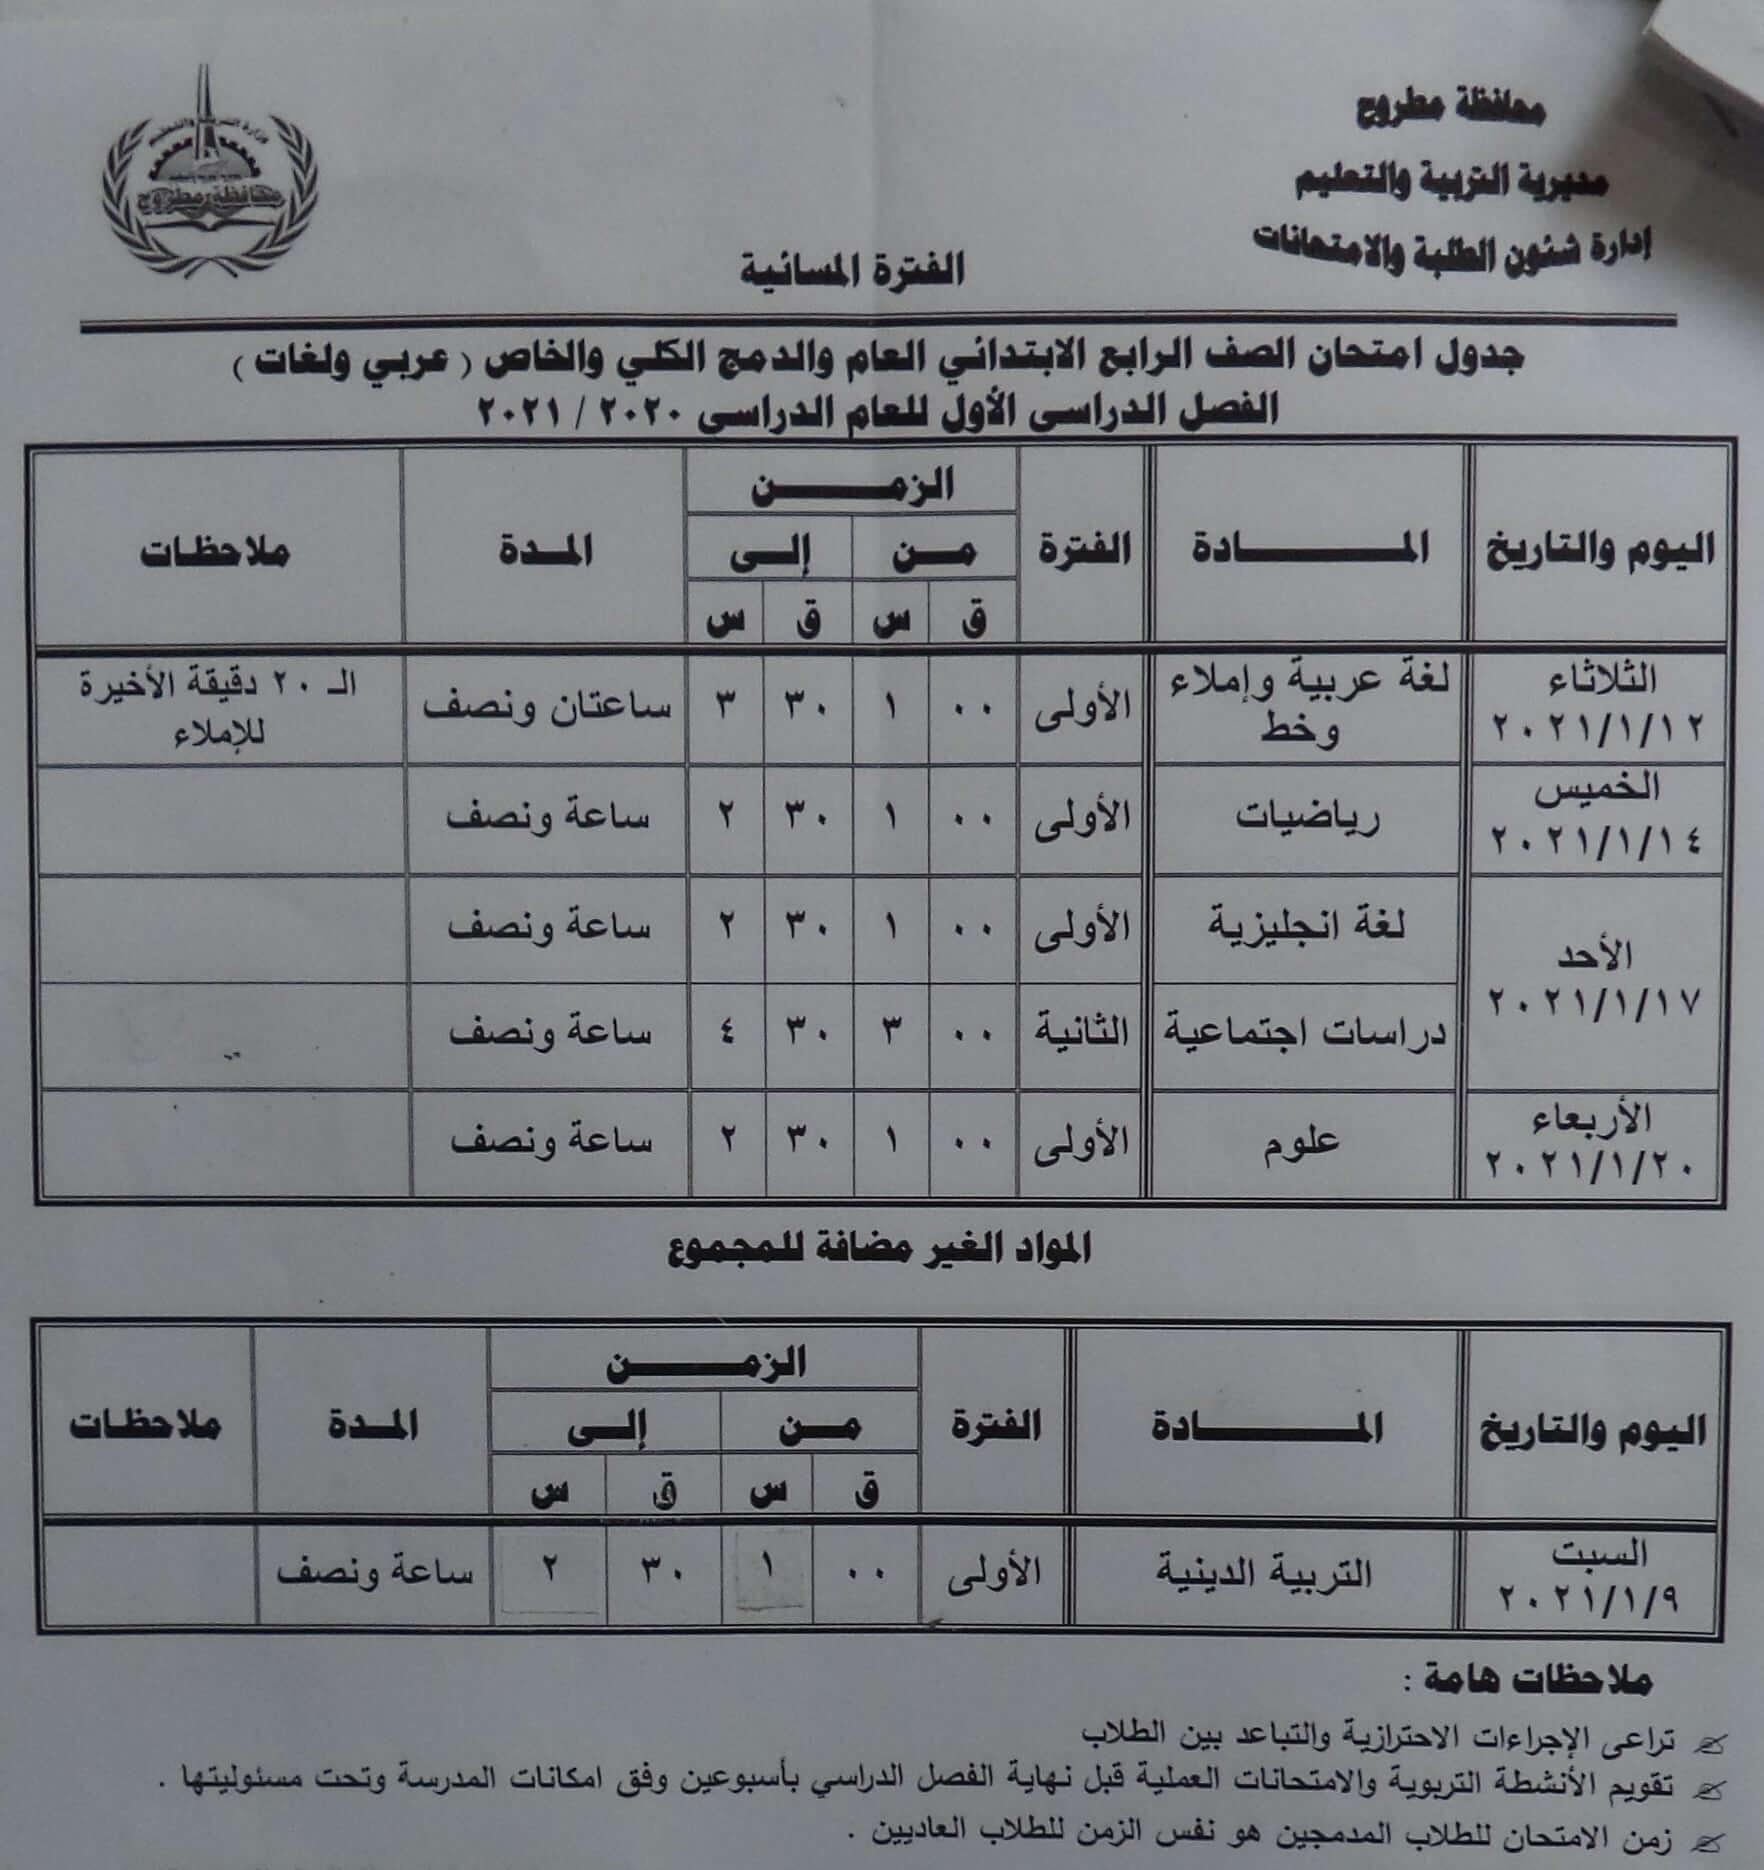 جدول امتحانات الصف الرابع الابتدائي نصف العام محافظة مطروح 2021 2